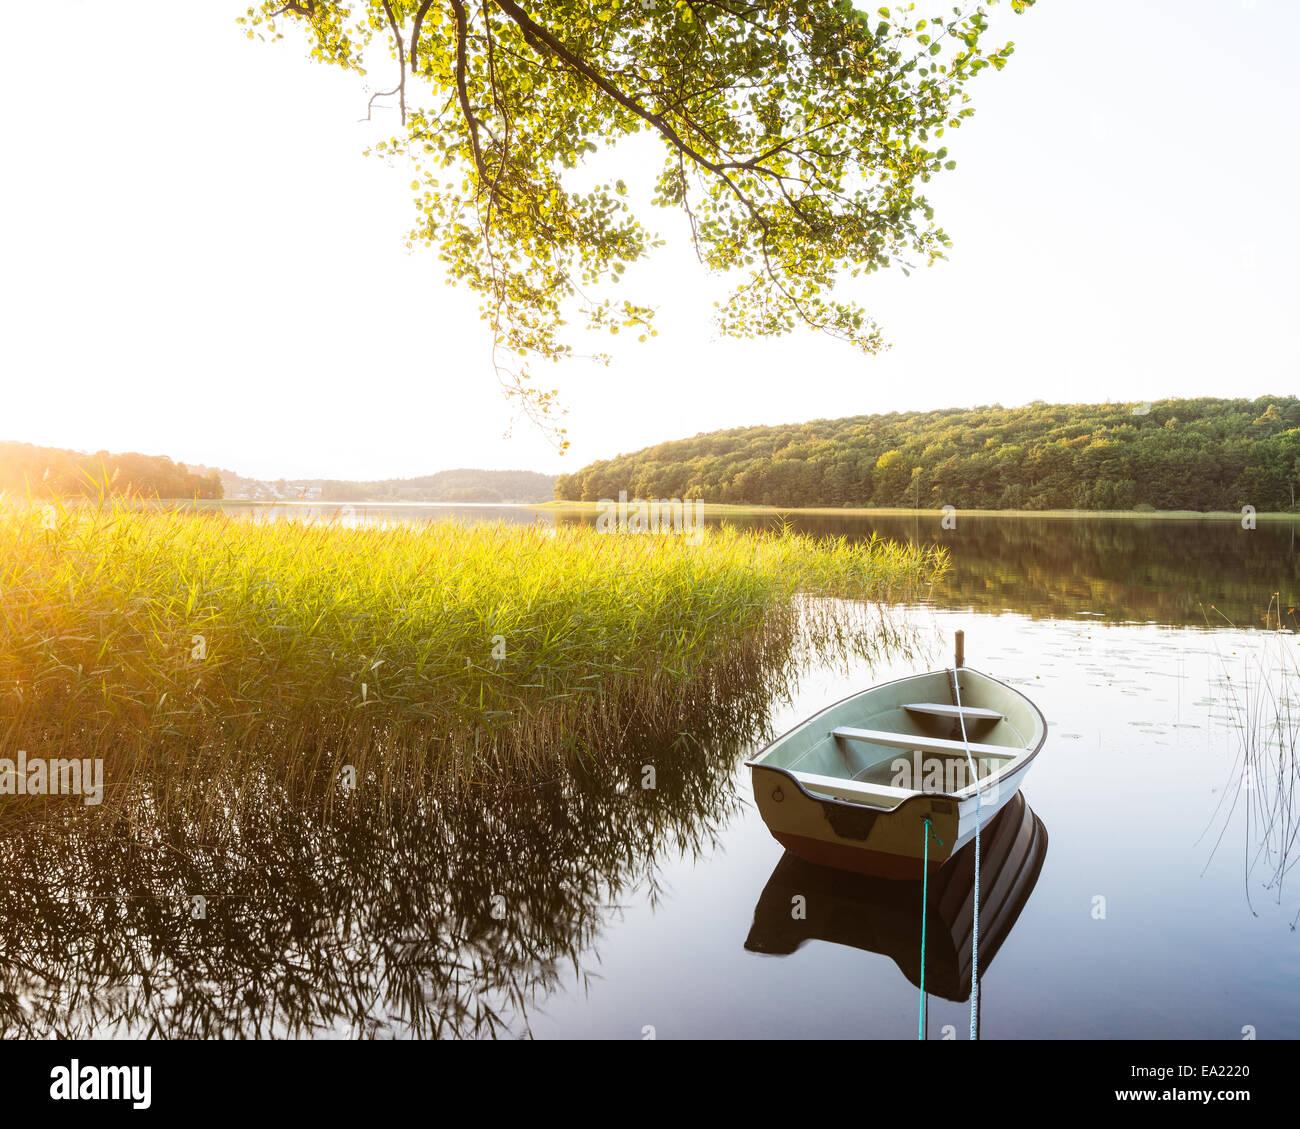 Festgemachten Boot Reflexion auf See Stockbild